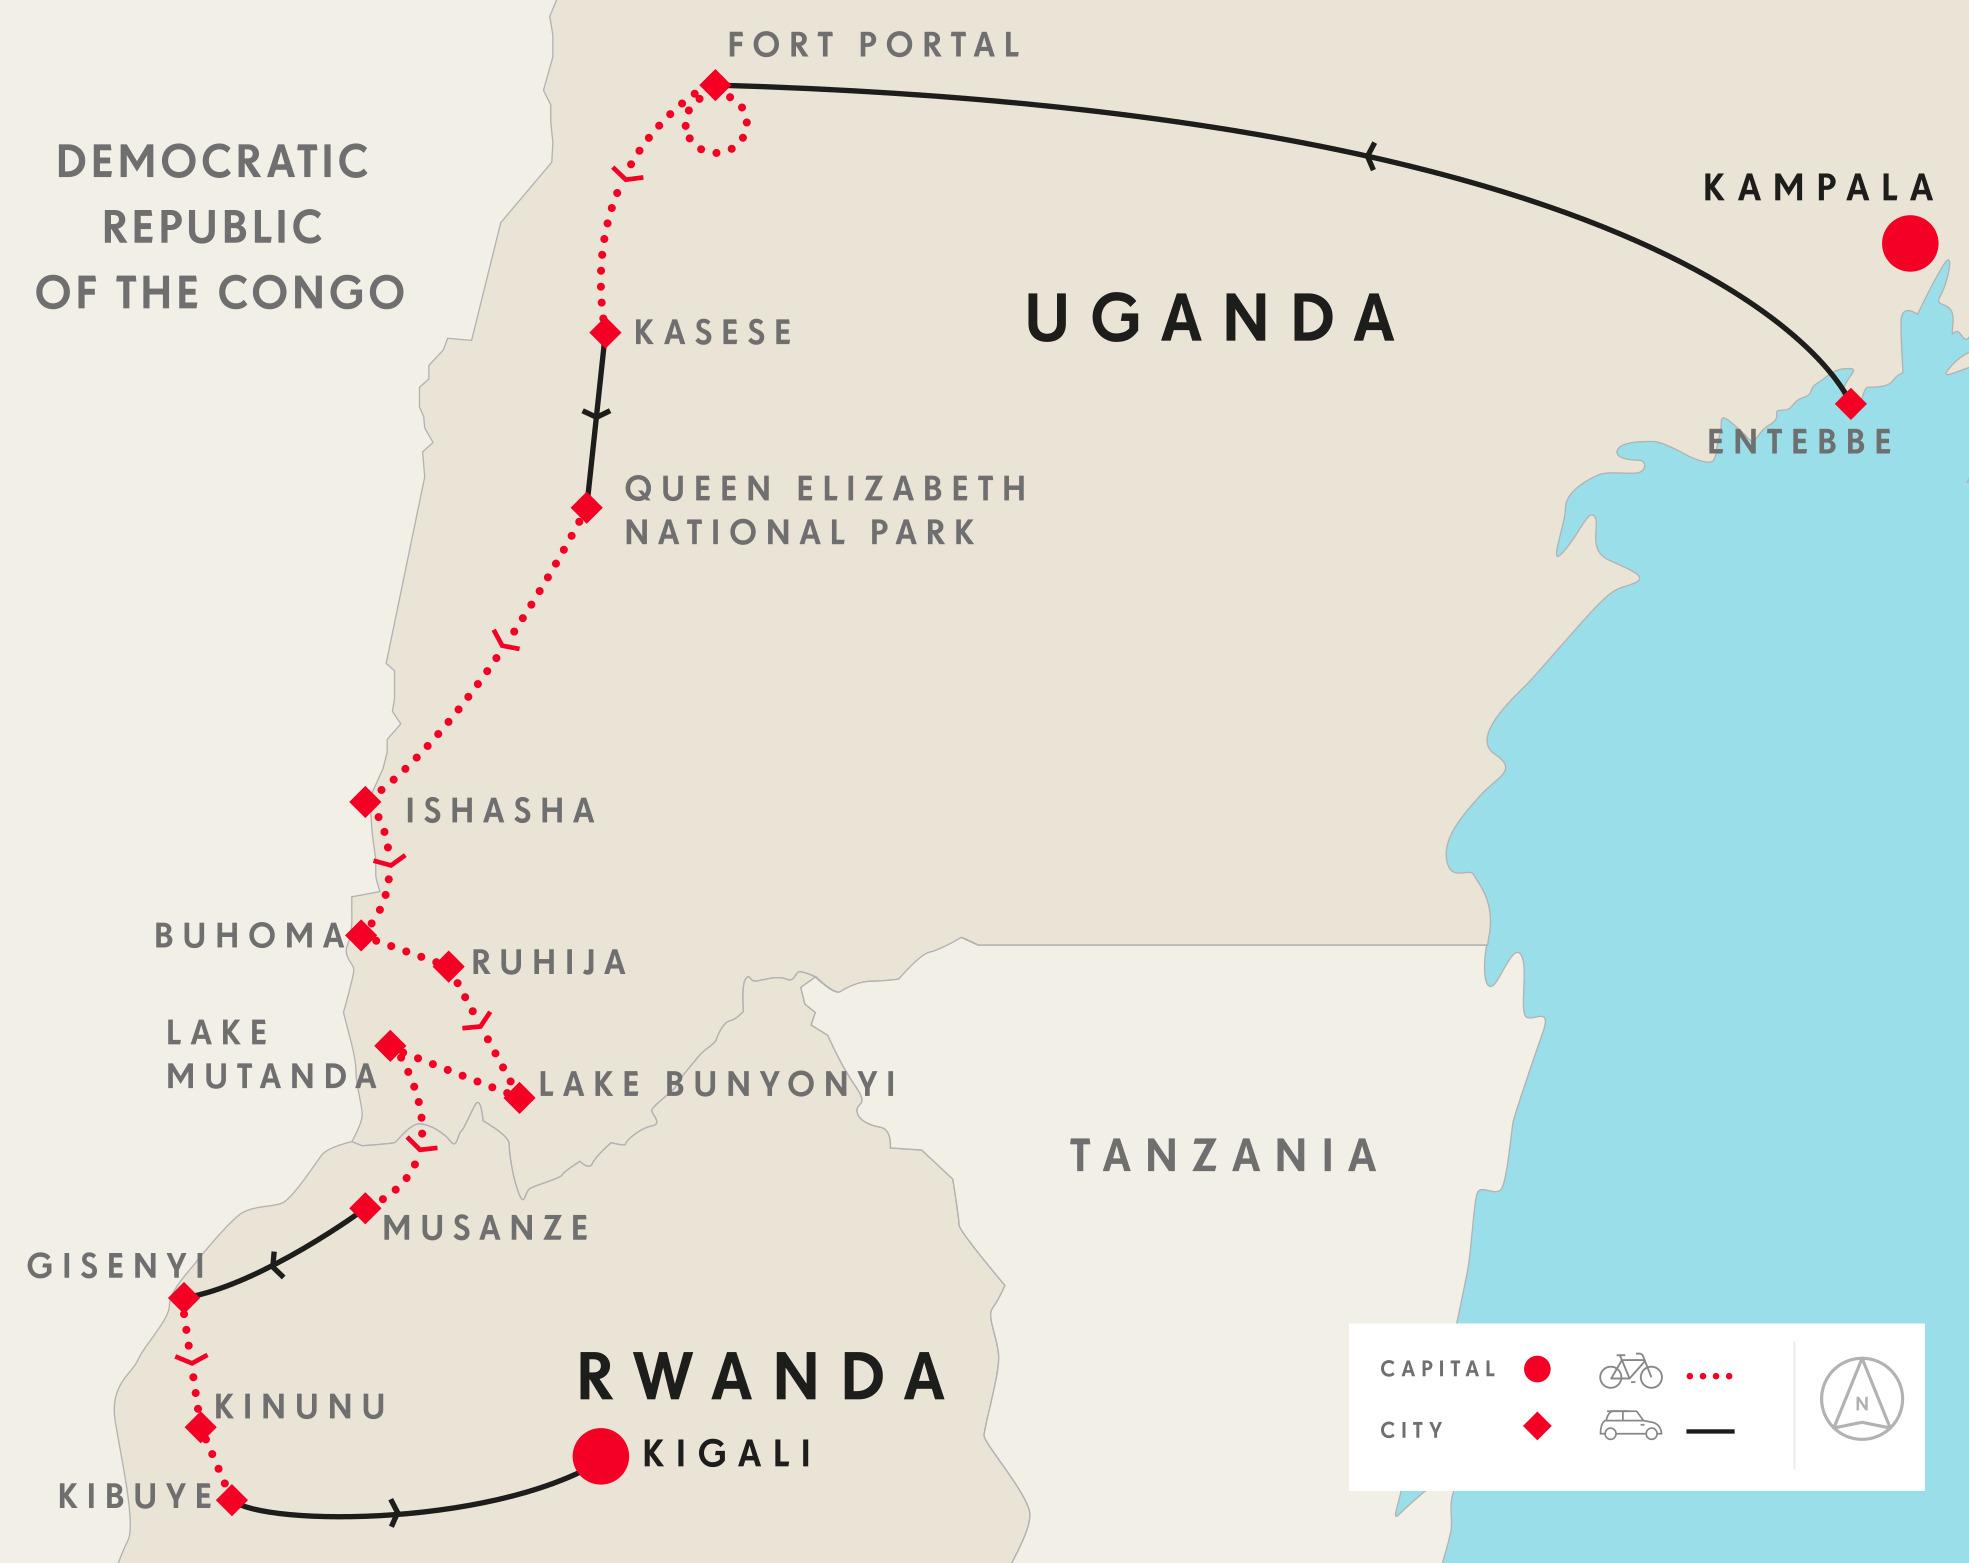 uganda_rwanda_cycling_tour-map-1